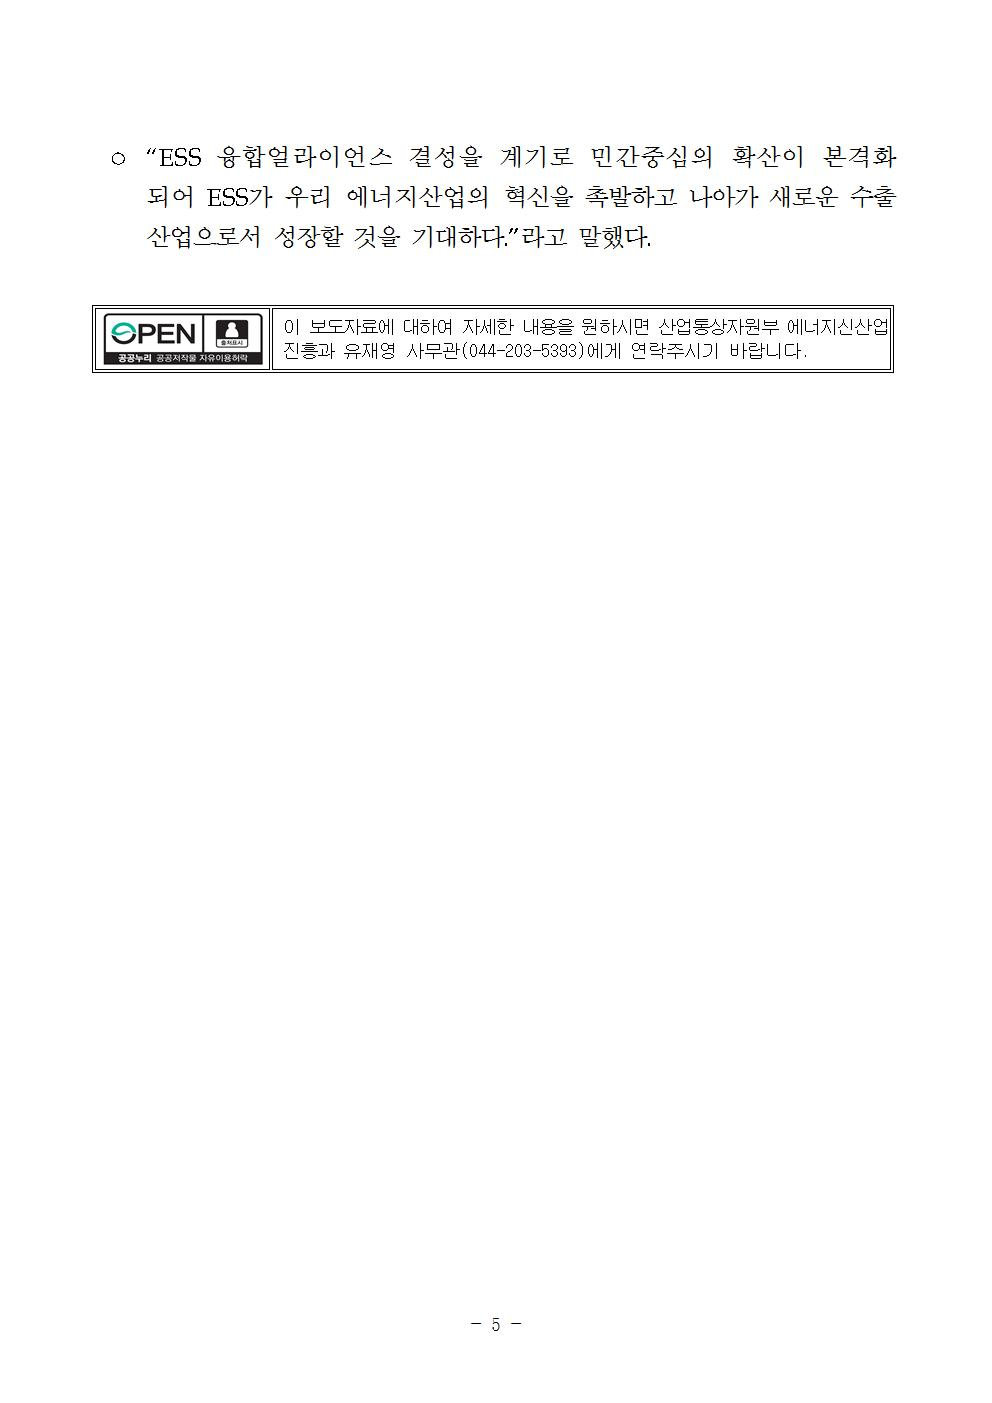 160829_(30일조간) 에너지신산업진흥과, ESS 융합얼라이언스 발족.hwp005.jpg